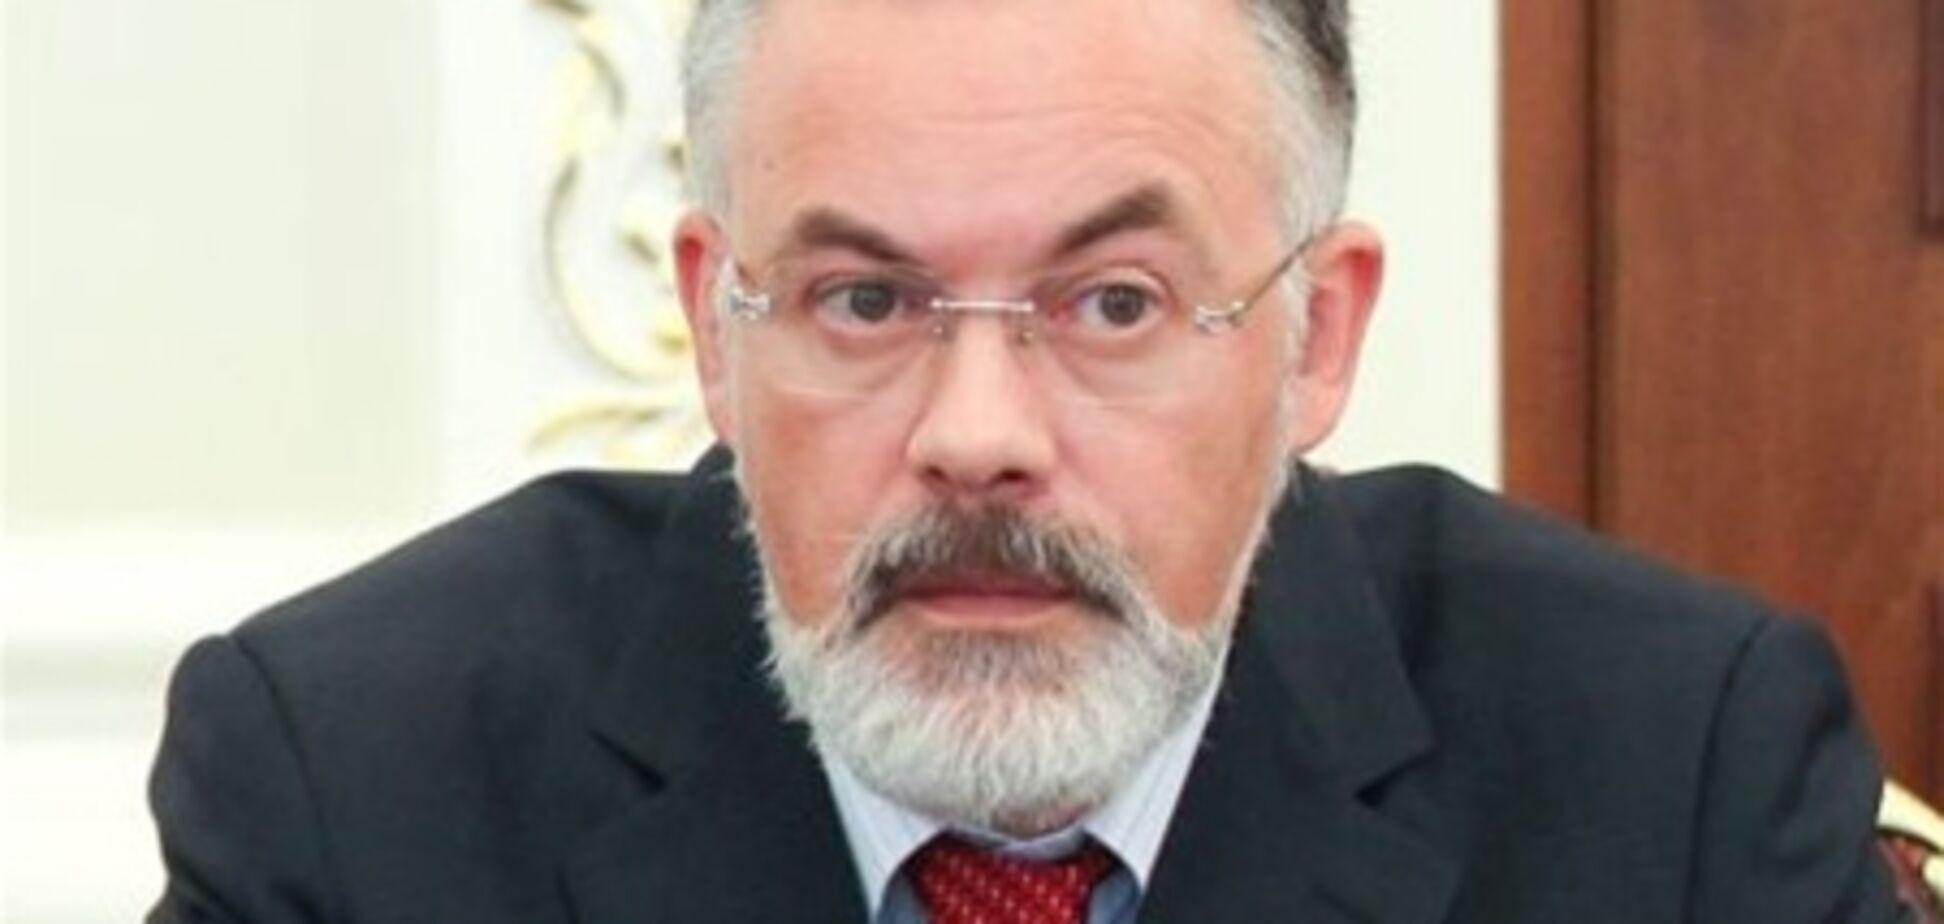 Ніколаєнко розповів, що заважає Табачнику гідно виконувати свою роботу